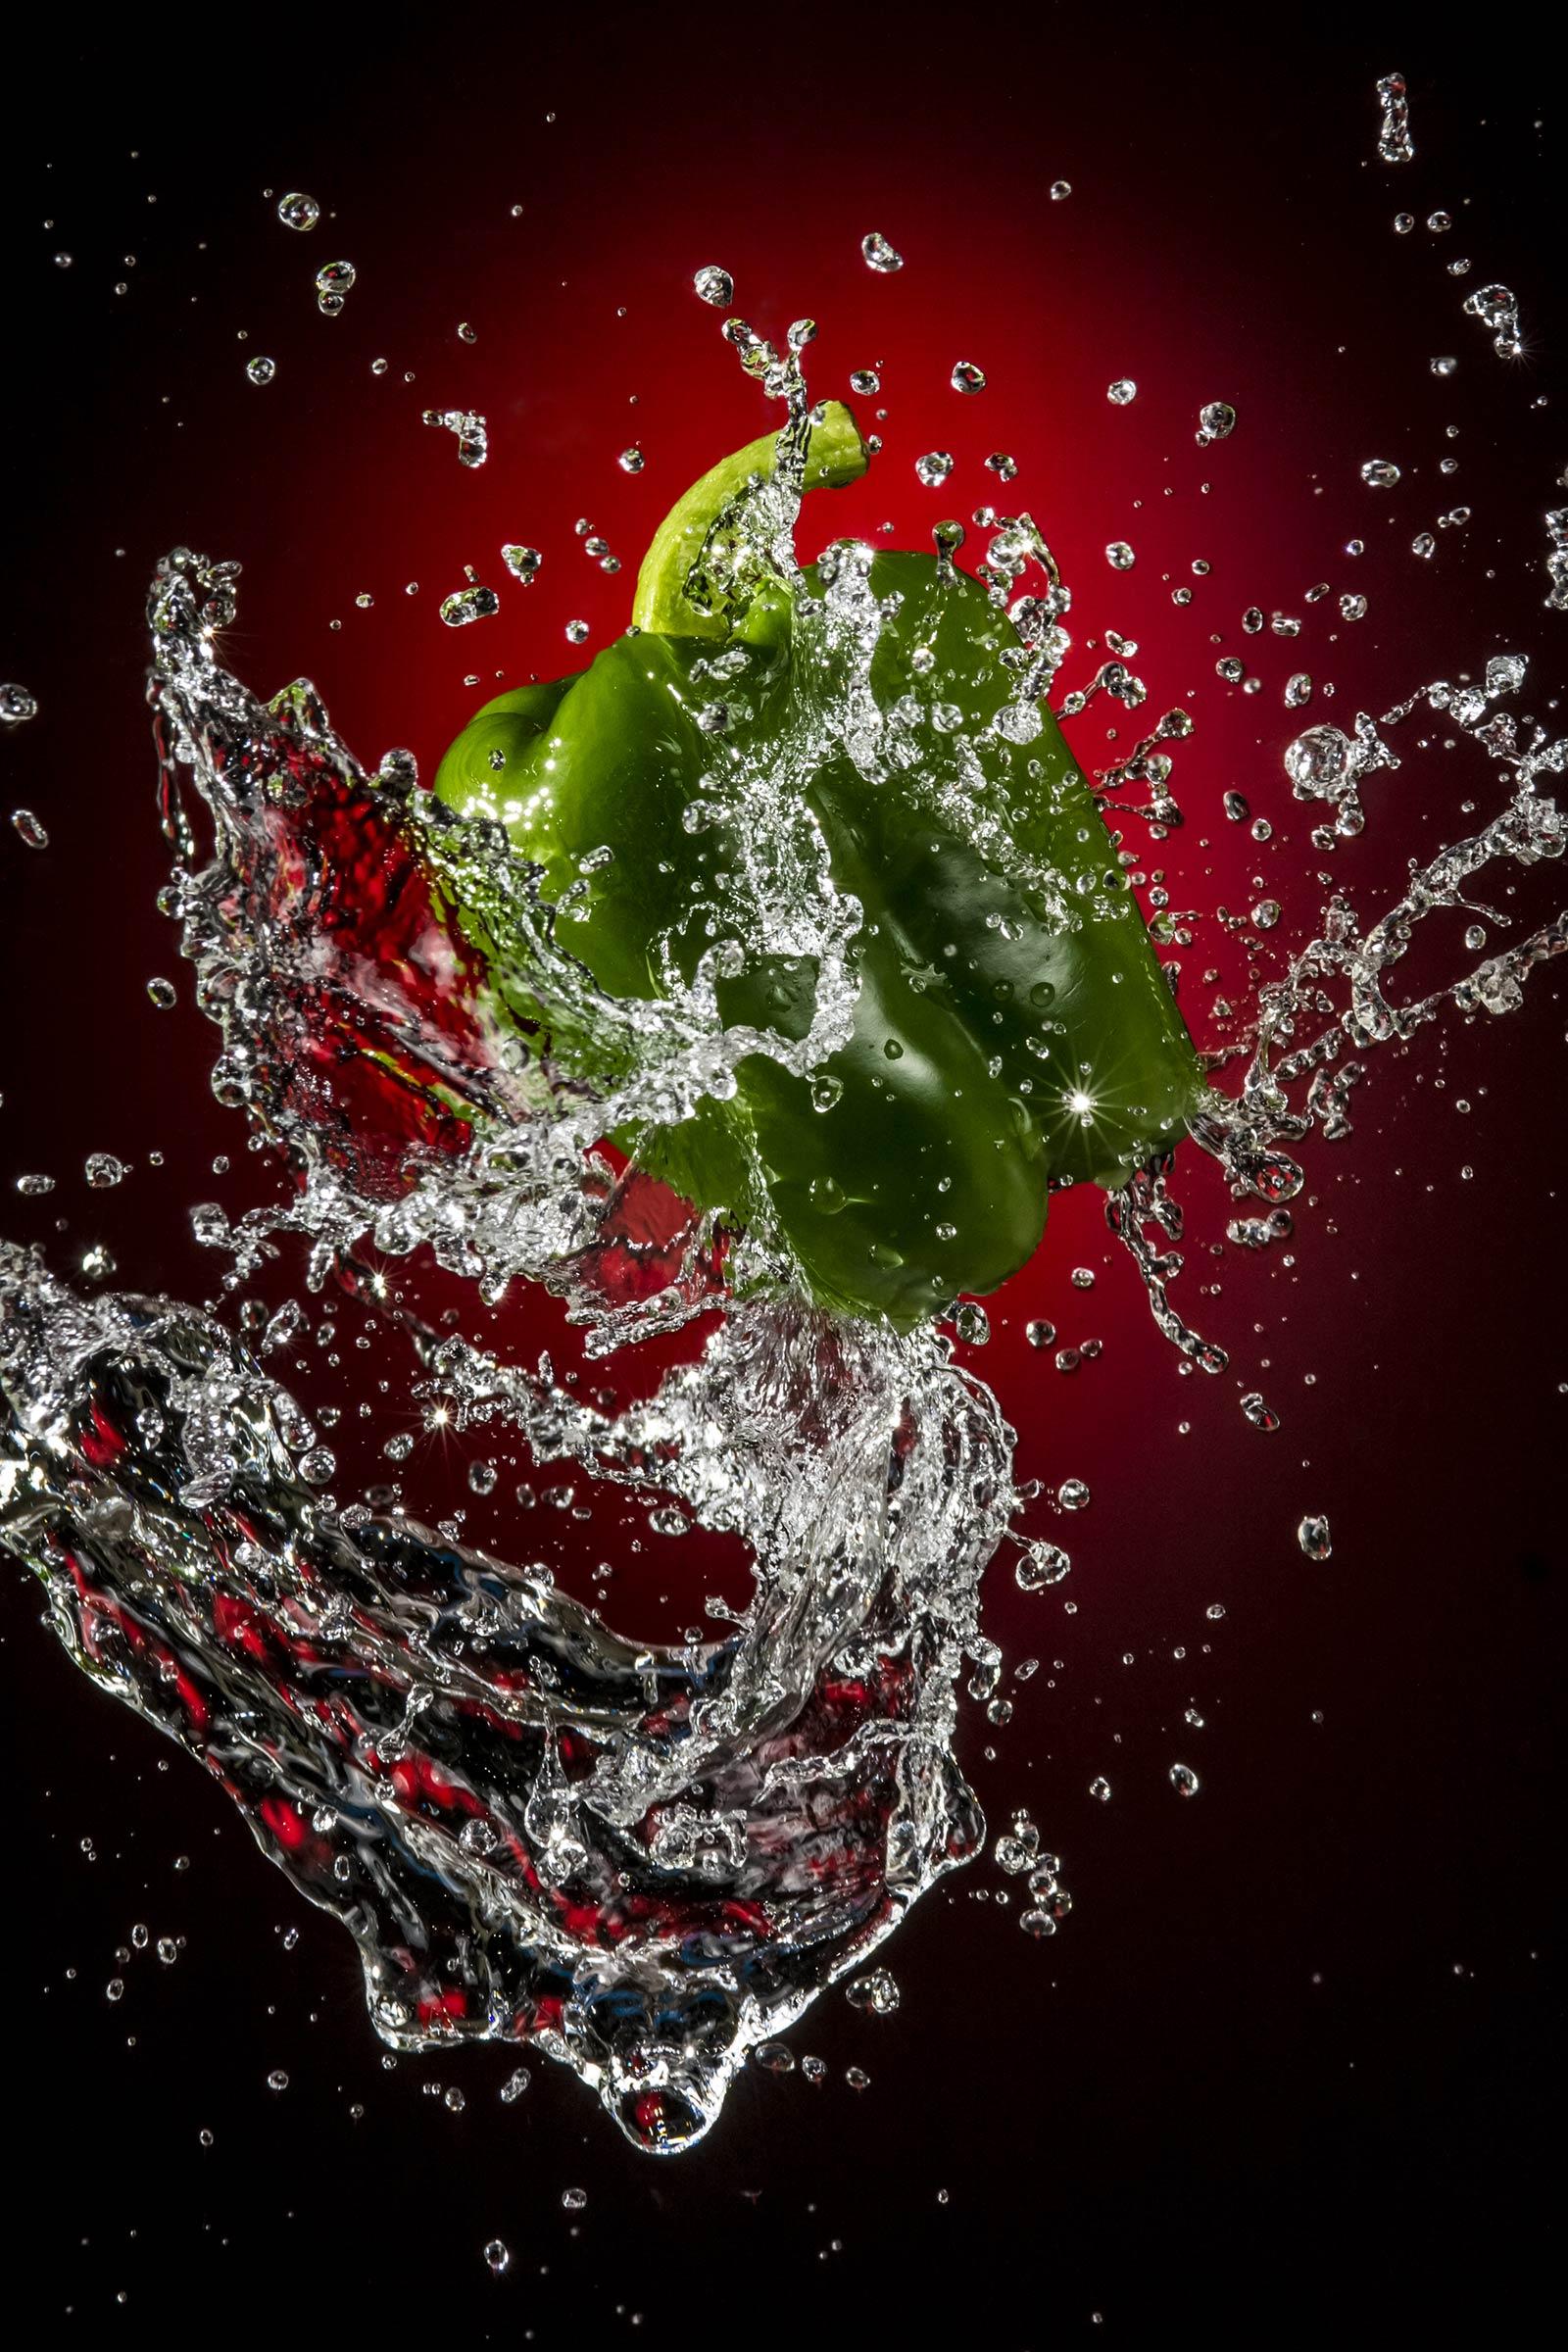 Capsicum splash